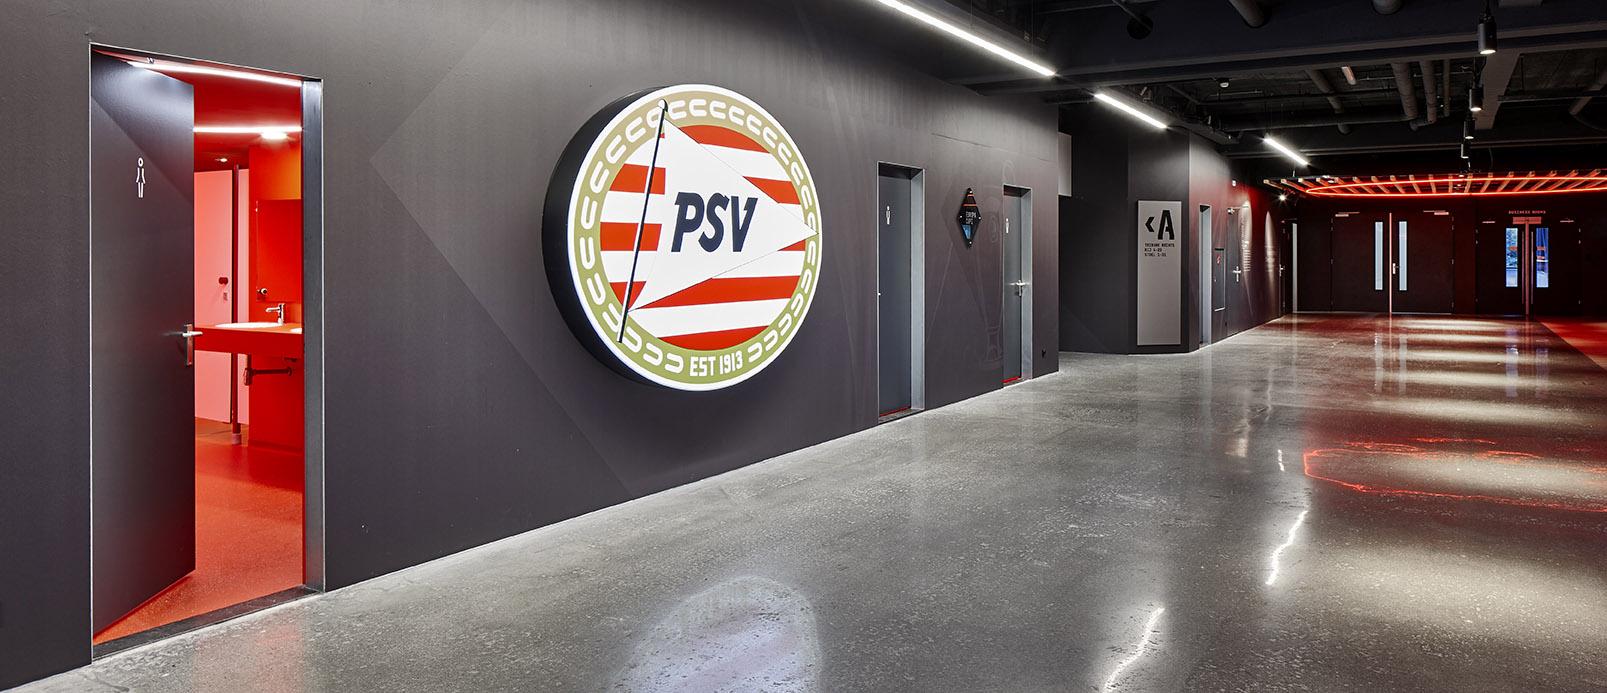 <p>Philips Stadion Promenade – Wand stadion zijde met speciaal behang (Scherpontwerp) en rode toiletten</p>